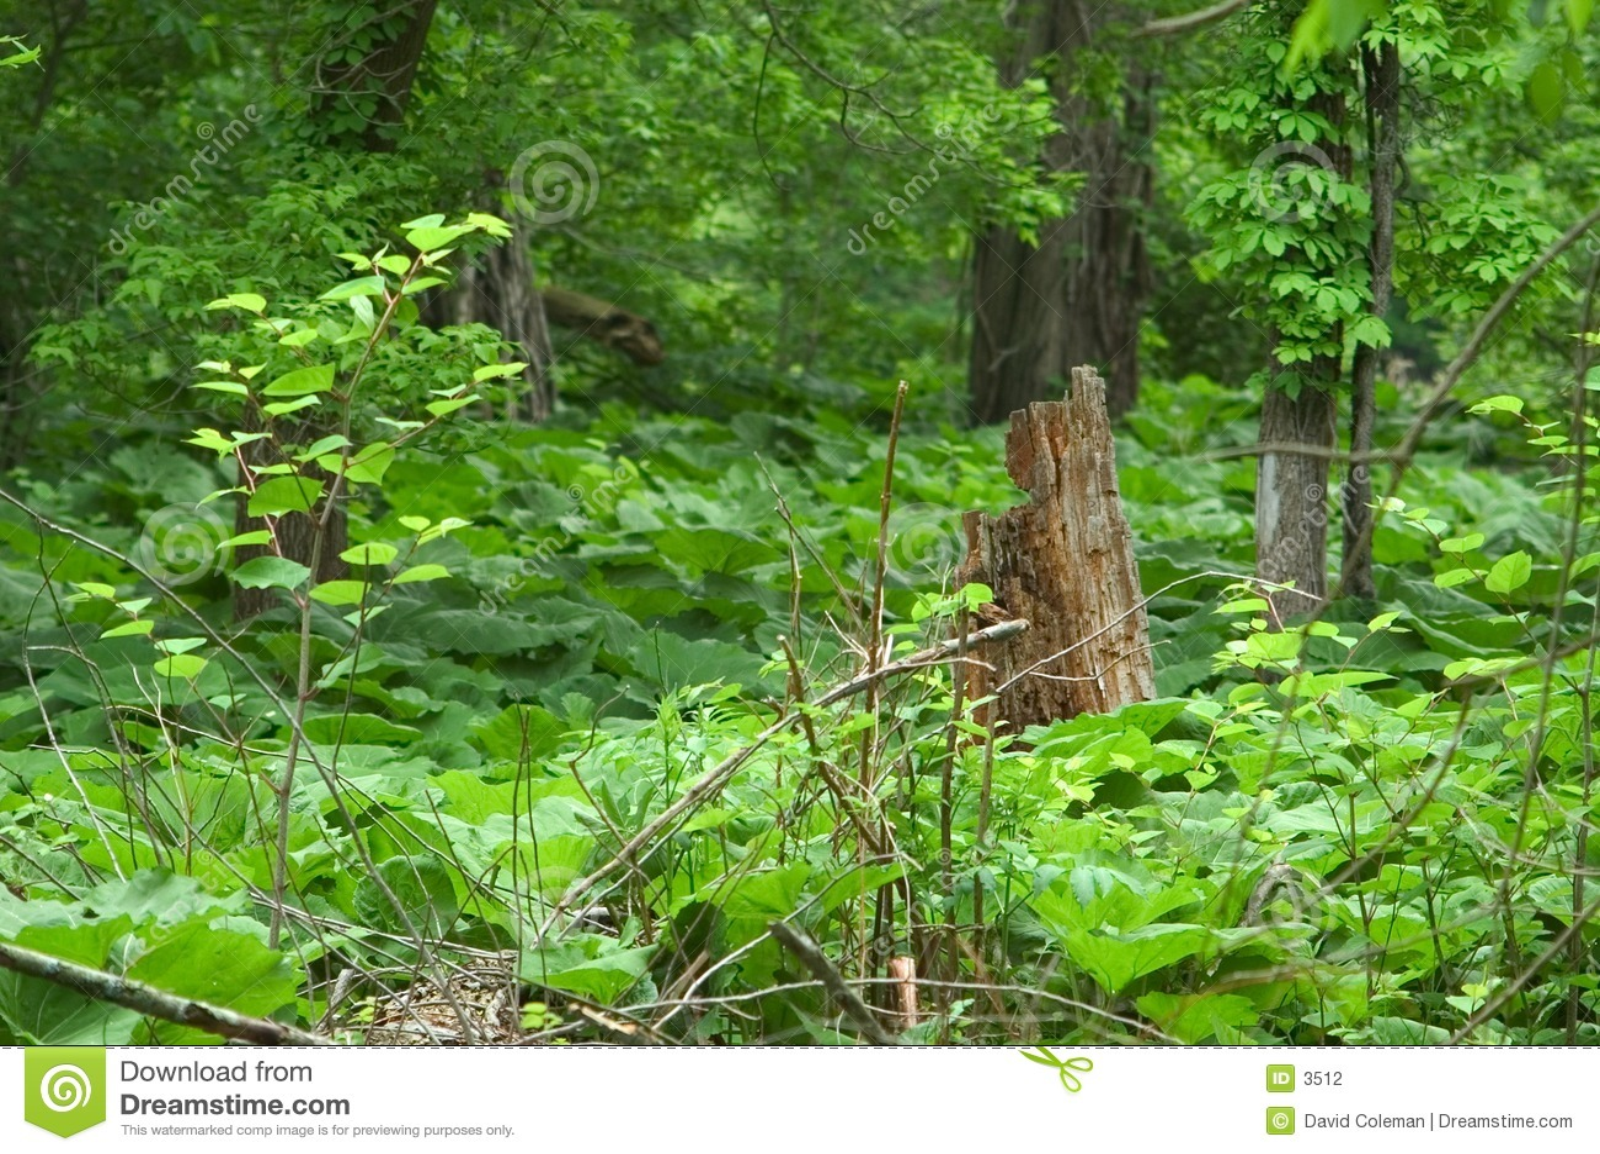 Omringde de stomp van de boom is vegetatie